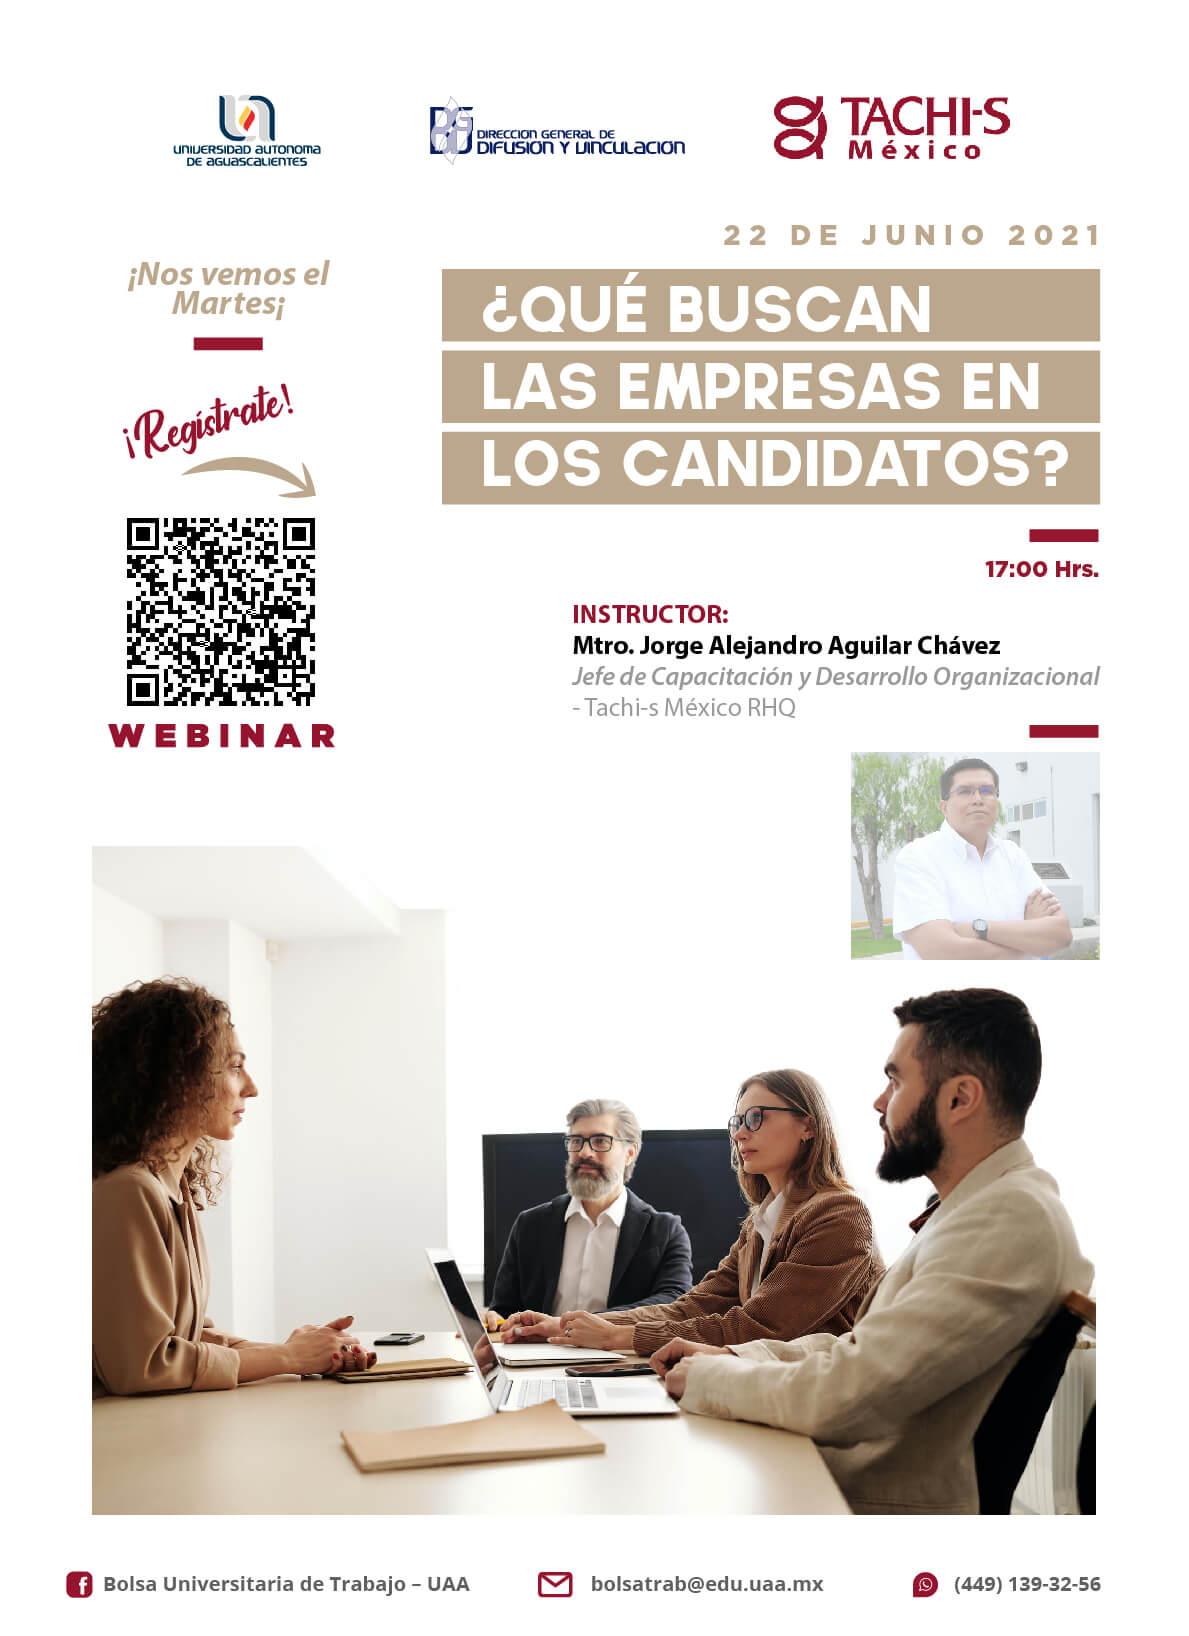 Webinar ¿Que buscan las empresas en los candidatos? éste 22 de junio 17:00 horas invita Tachi-S México